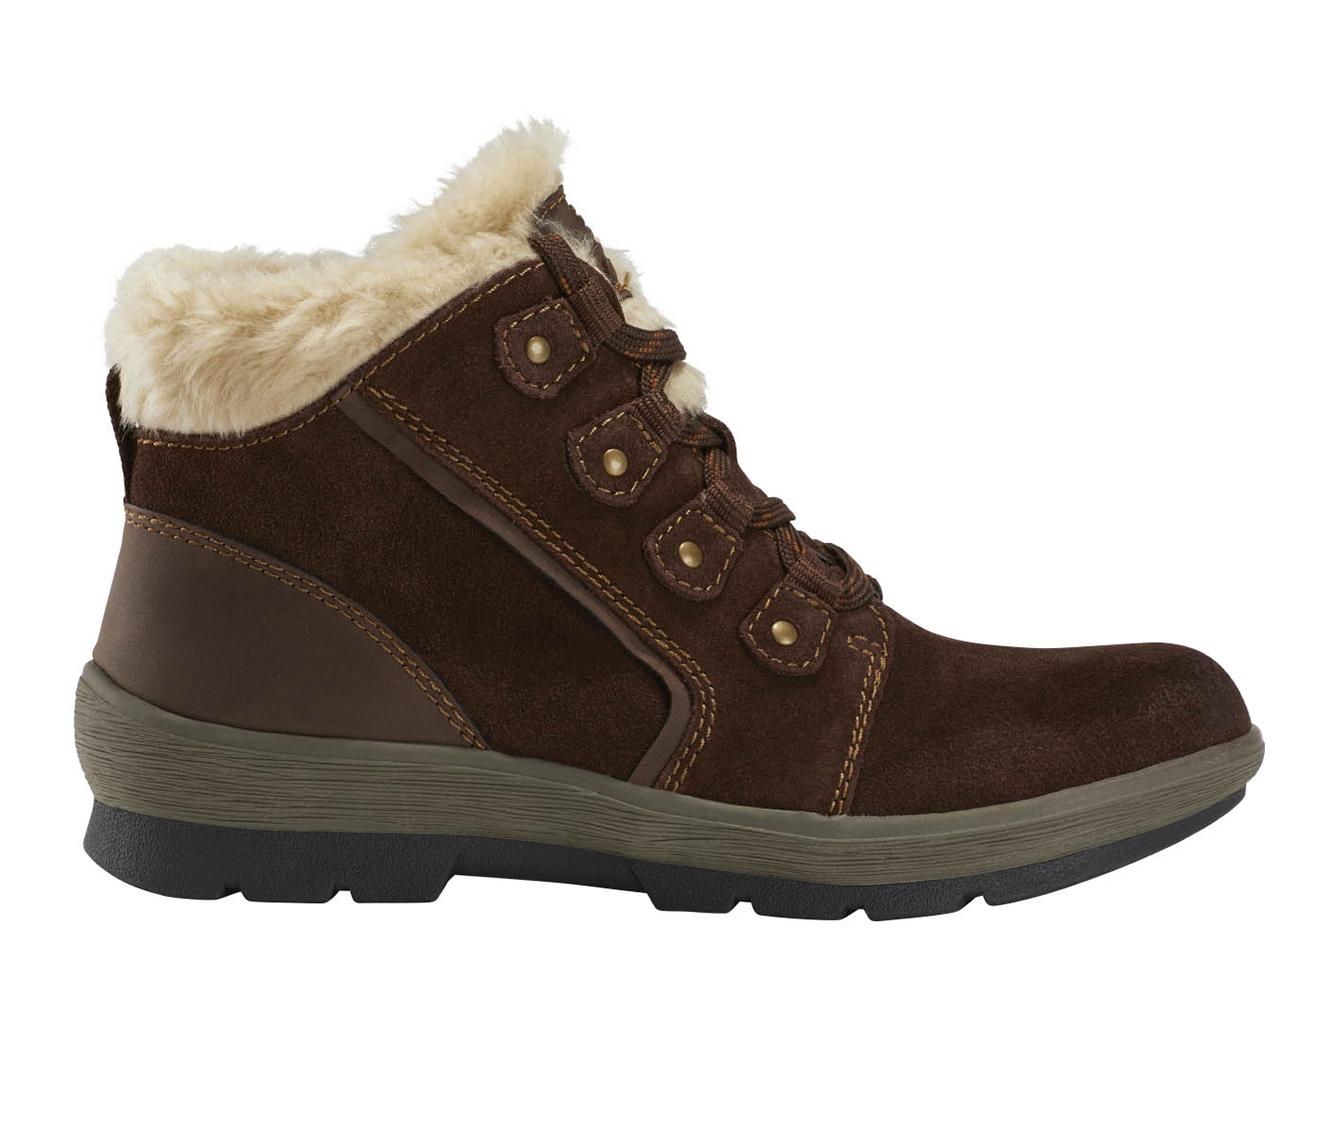 Earth Origins Sherpa Scarlett Women's Boots (Brown - Suede)